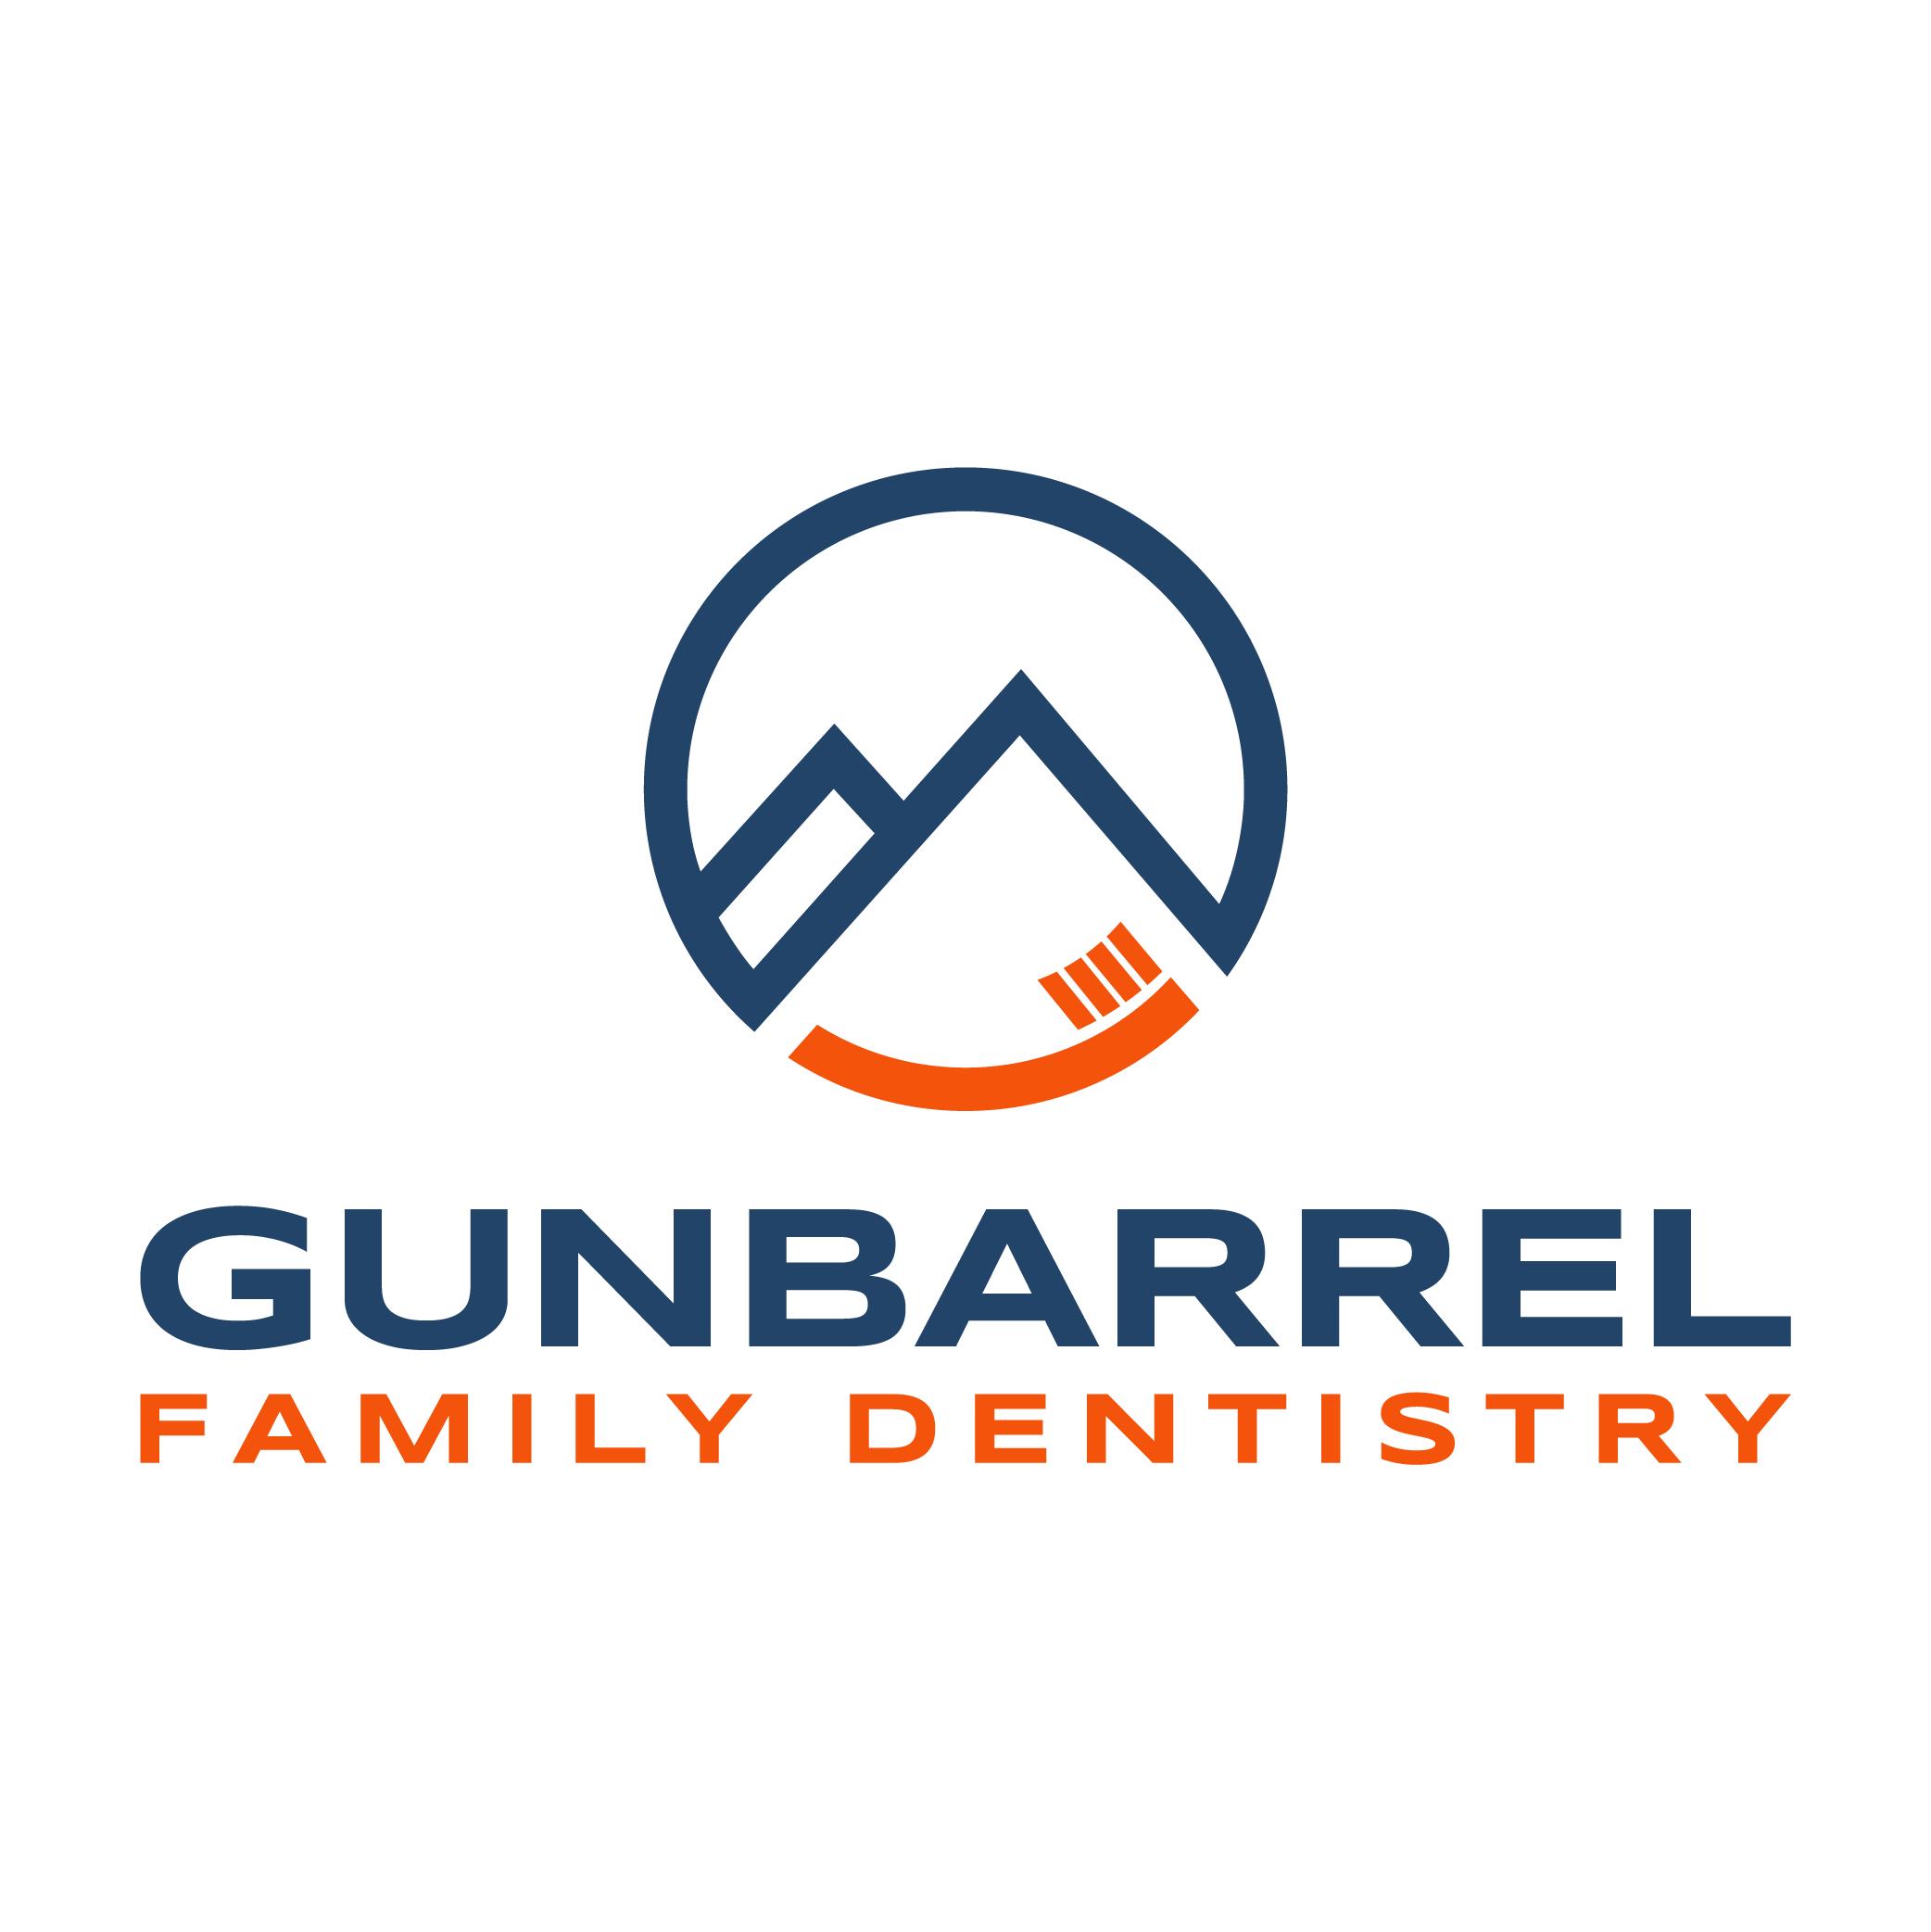 Gunbarrel Family Dentistry